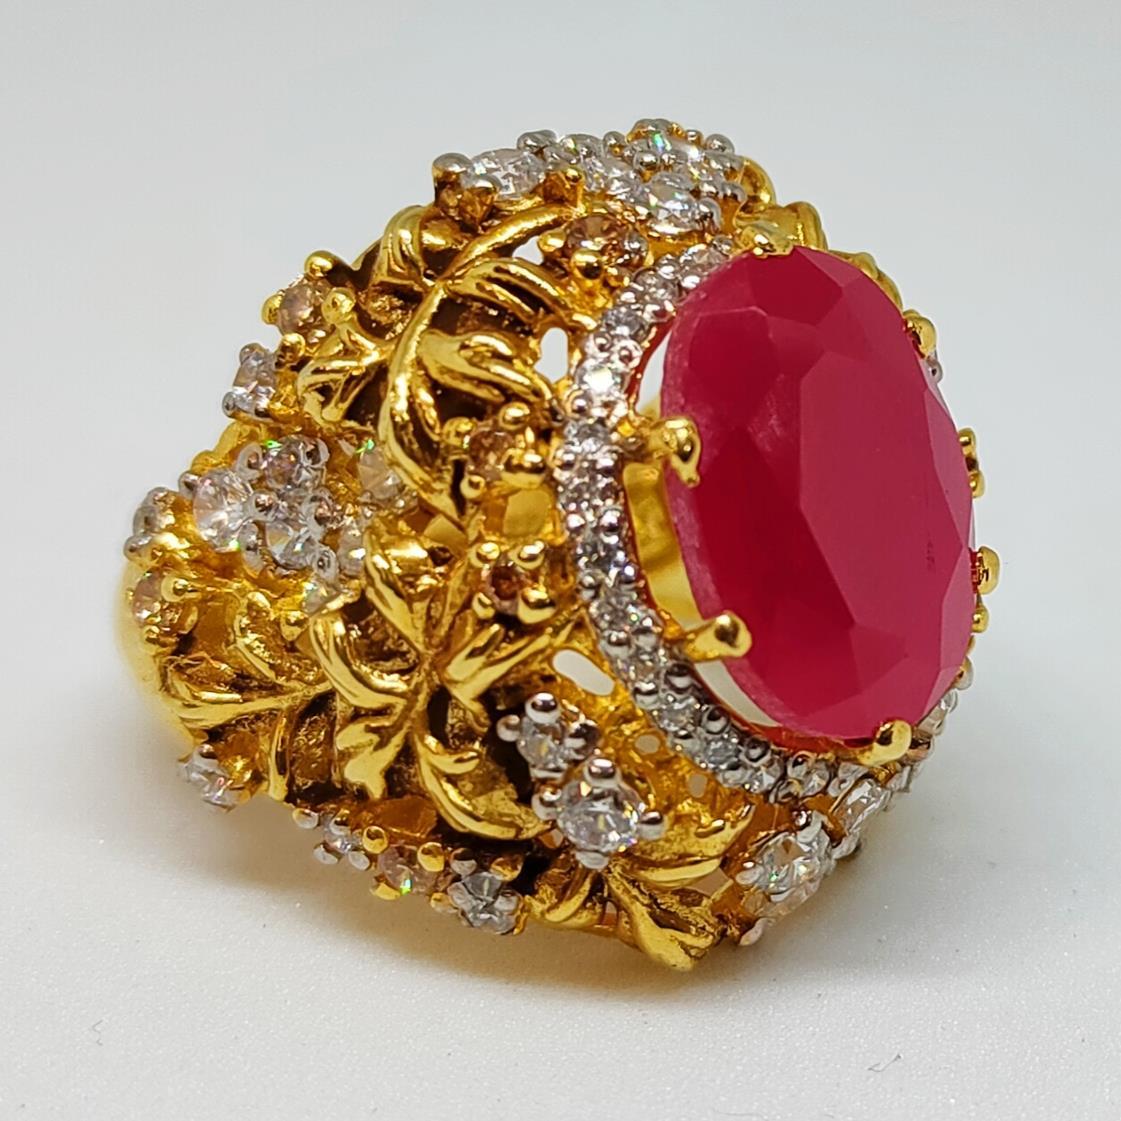 Italian Ring for her